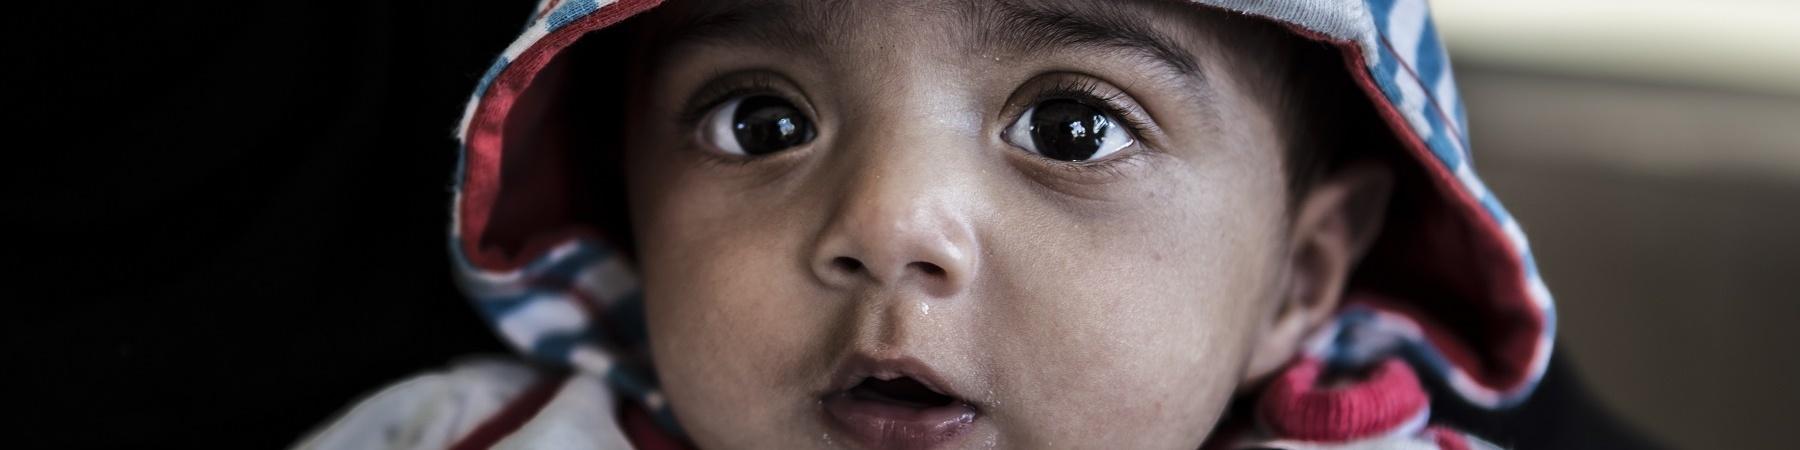 bambino di pochi mesi inquadrato in primo piano con tutina e cappuccio sulla testa